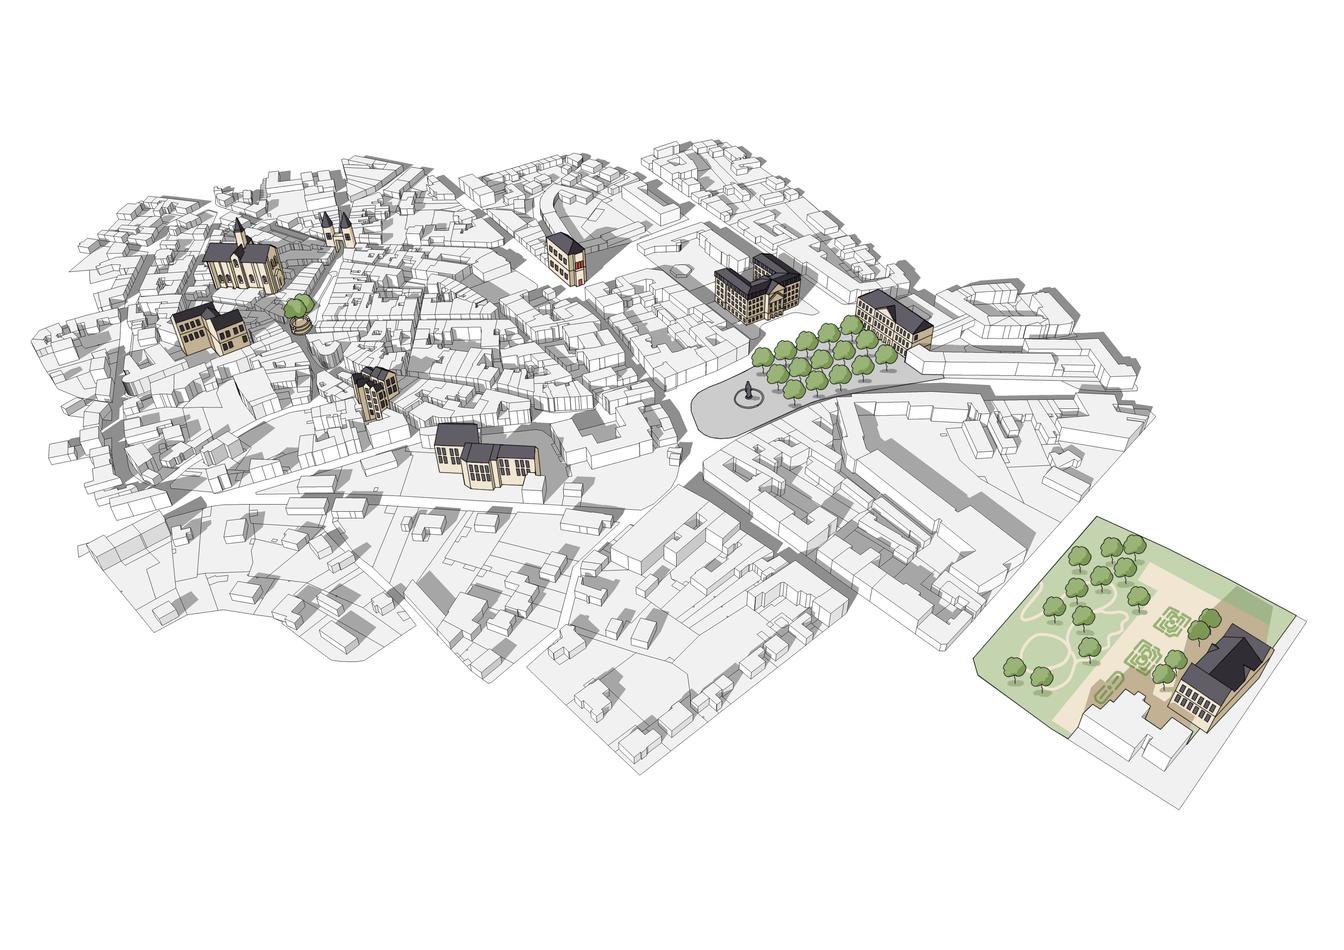 Plan schématique d'une ville